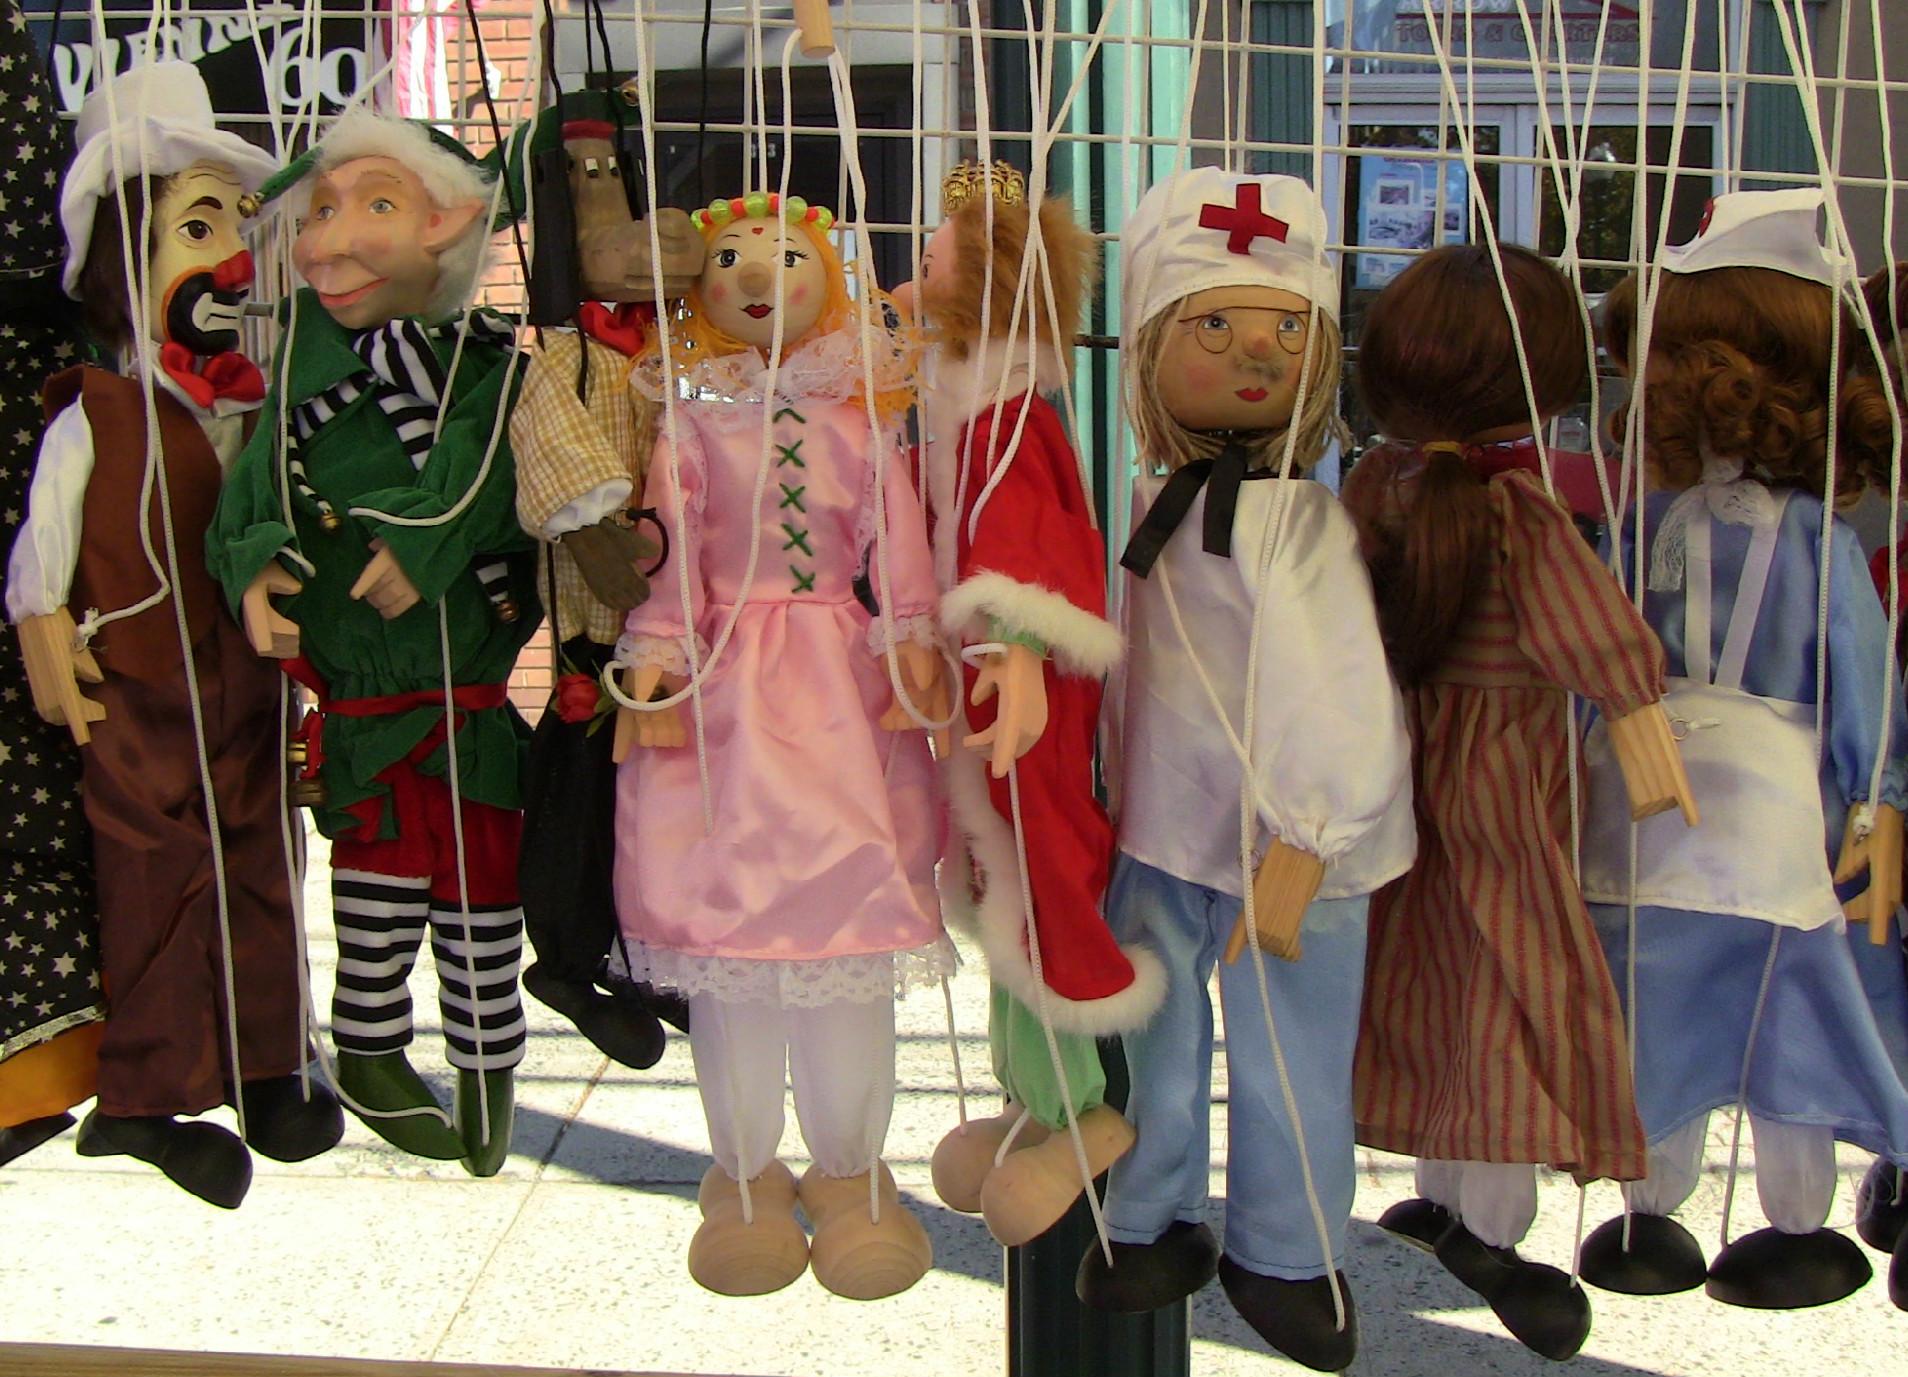 8efb04dd246dd46ecbe3_Marionettes.jpg